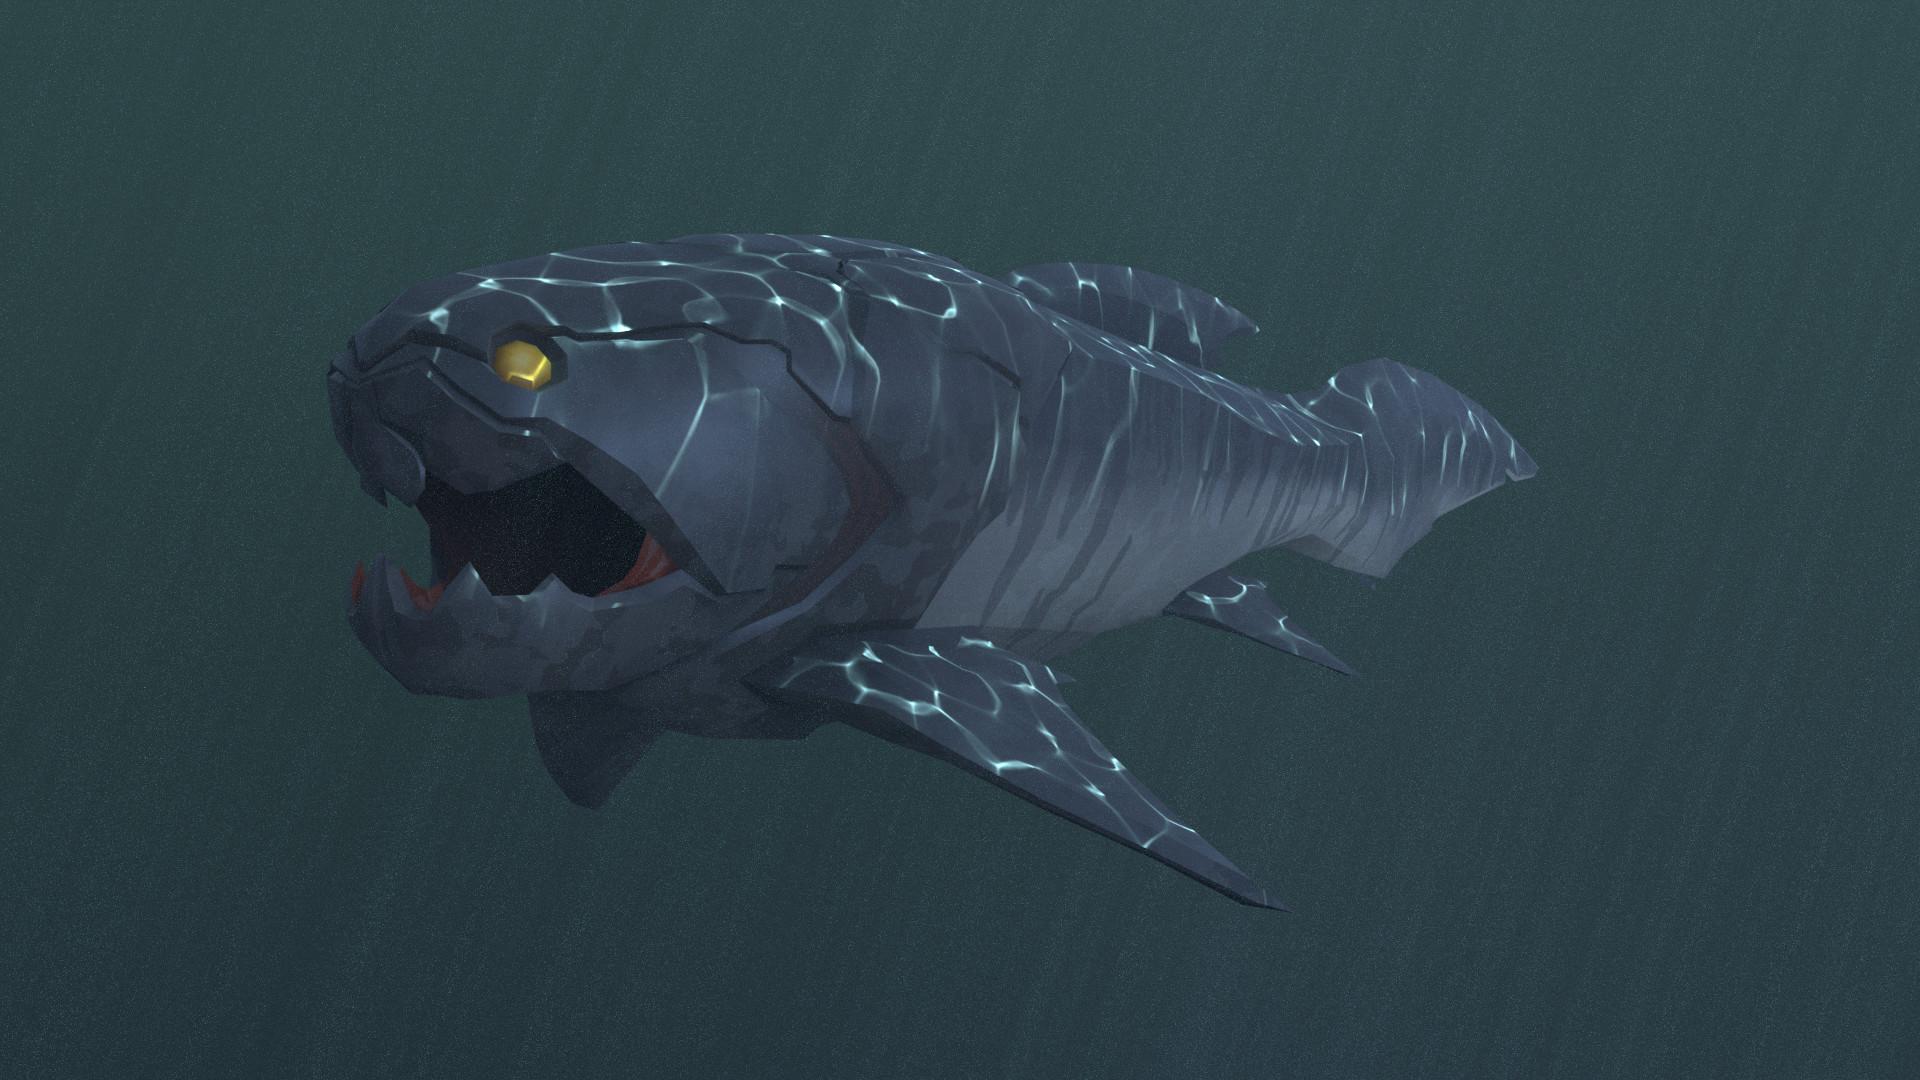 Eli gershenfeld fish 2